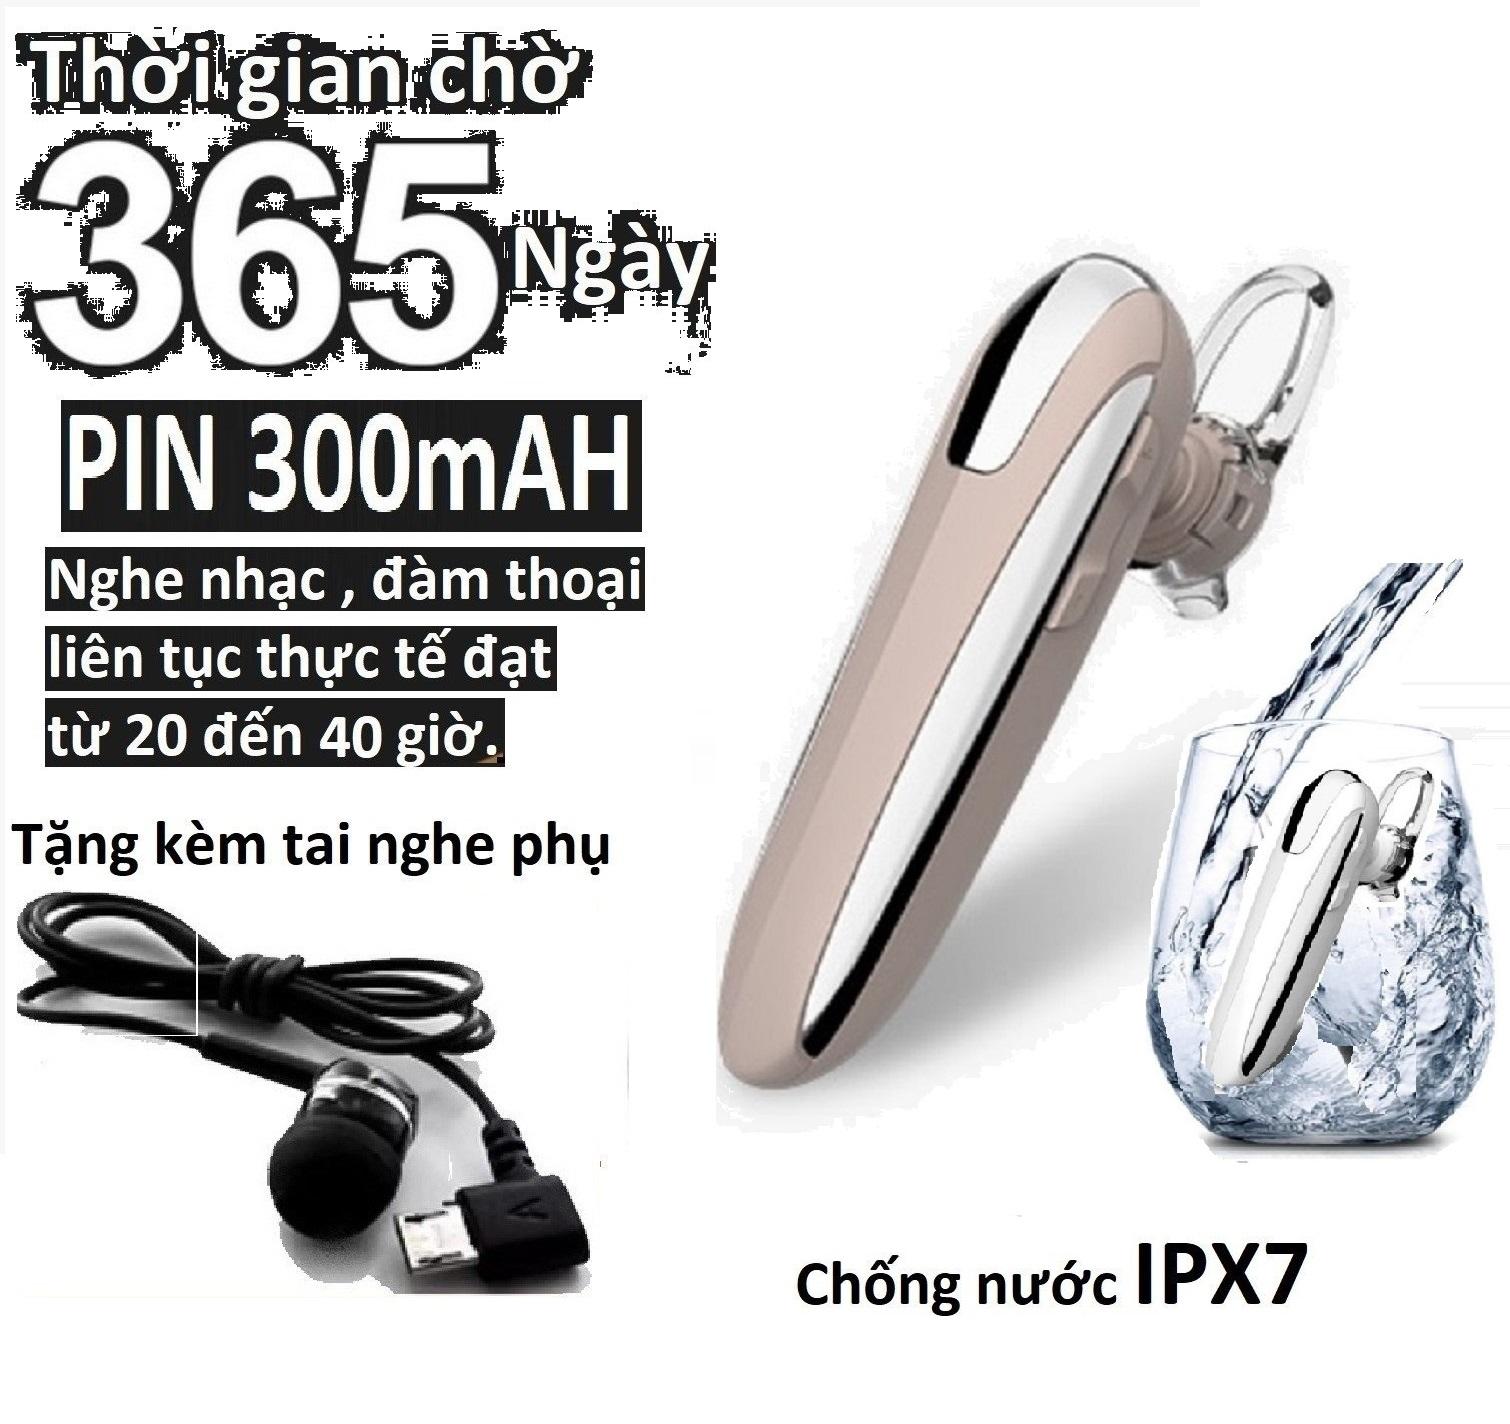 Tai nghe bluetooth 4.1  Y8 , pin 250mAh, nghe nhạc , đàm thoại 28h. Tai nghe bluetooth 5.0  X8 pin 300mAh , nghe nhạc đàm thoại 20 đến 40 giờ tùy theo mức âm lượng ,sản xuất 2021 ,được bảo hành đổi mới 1 đổi 1.